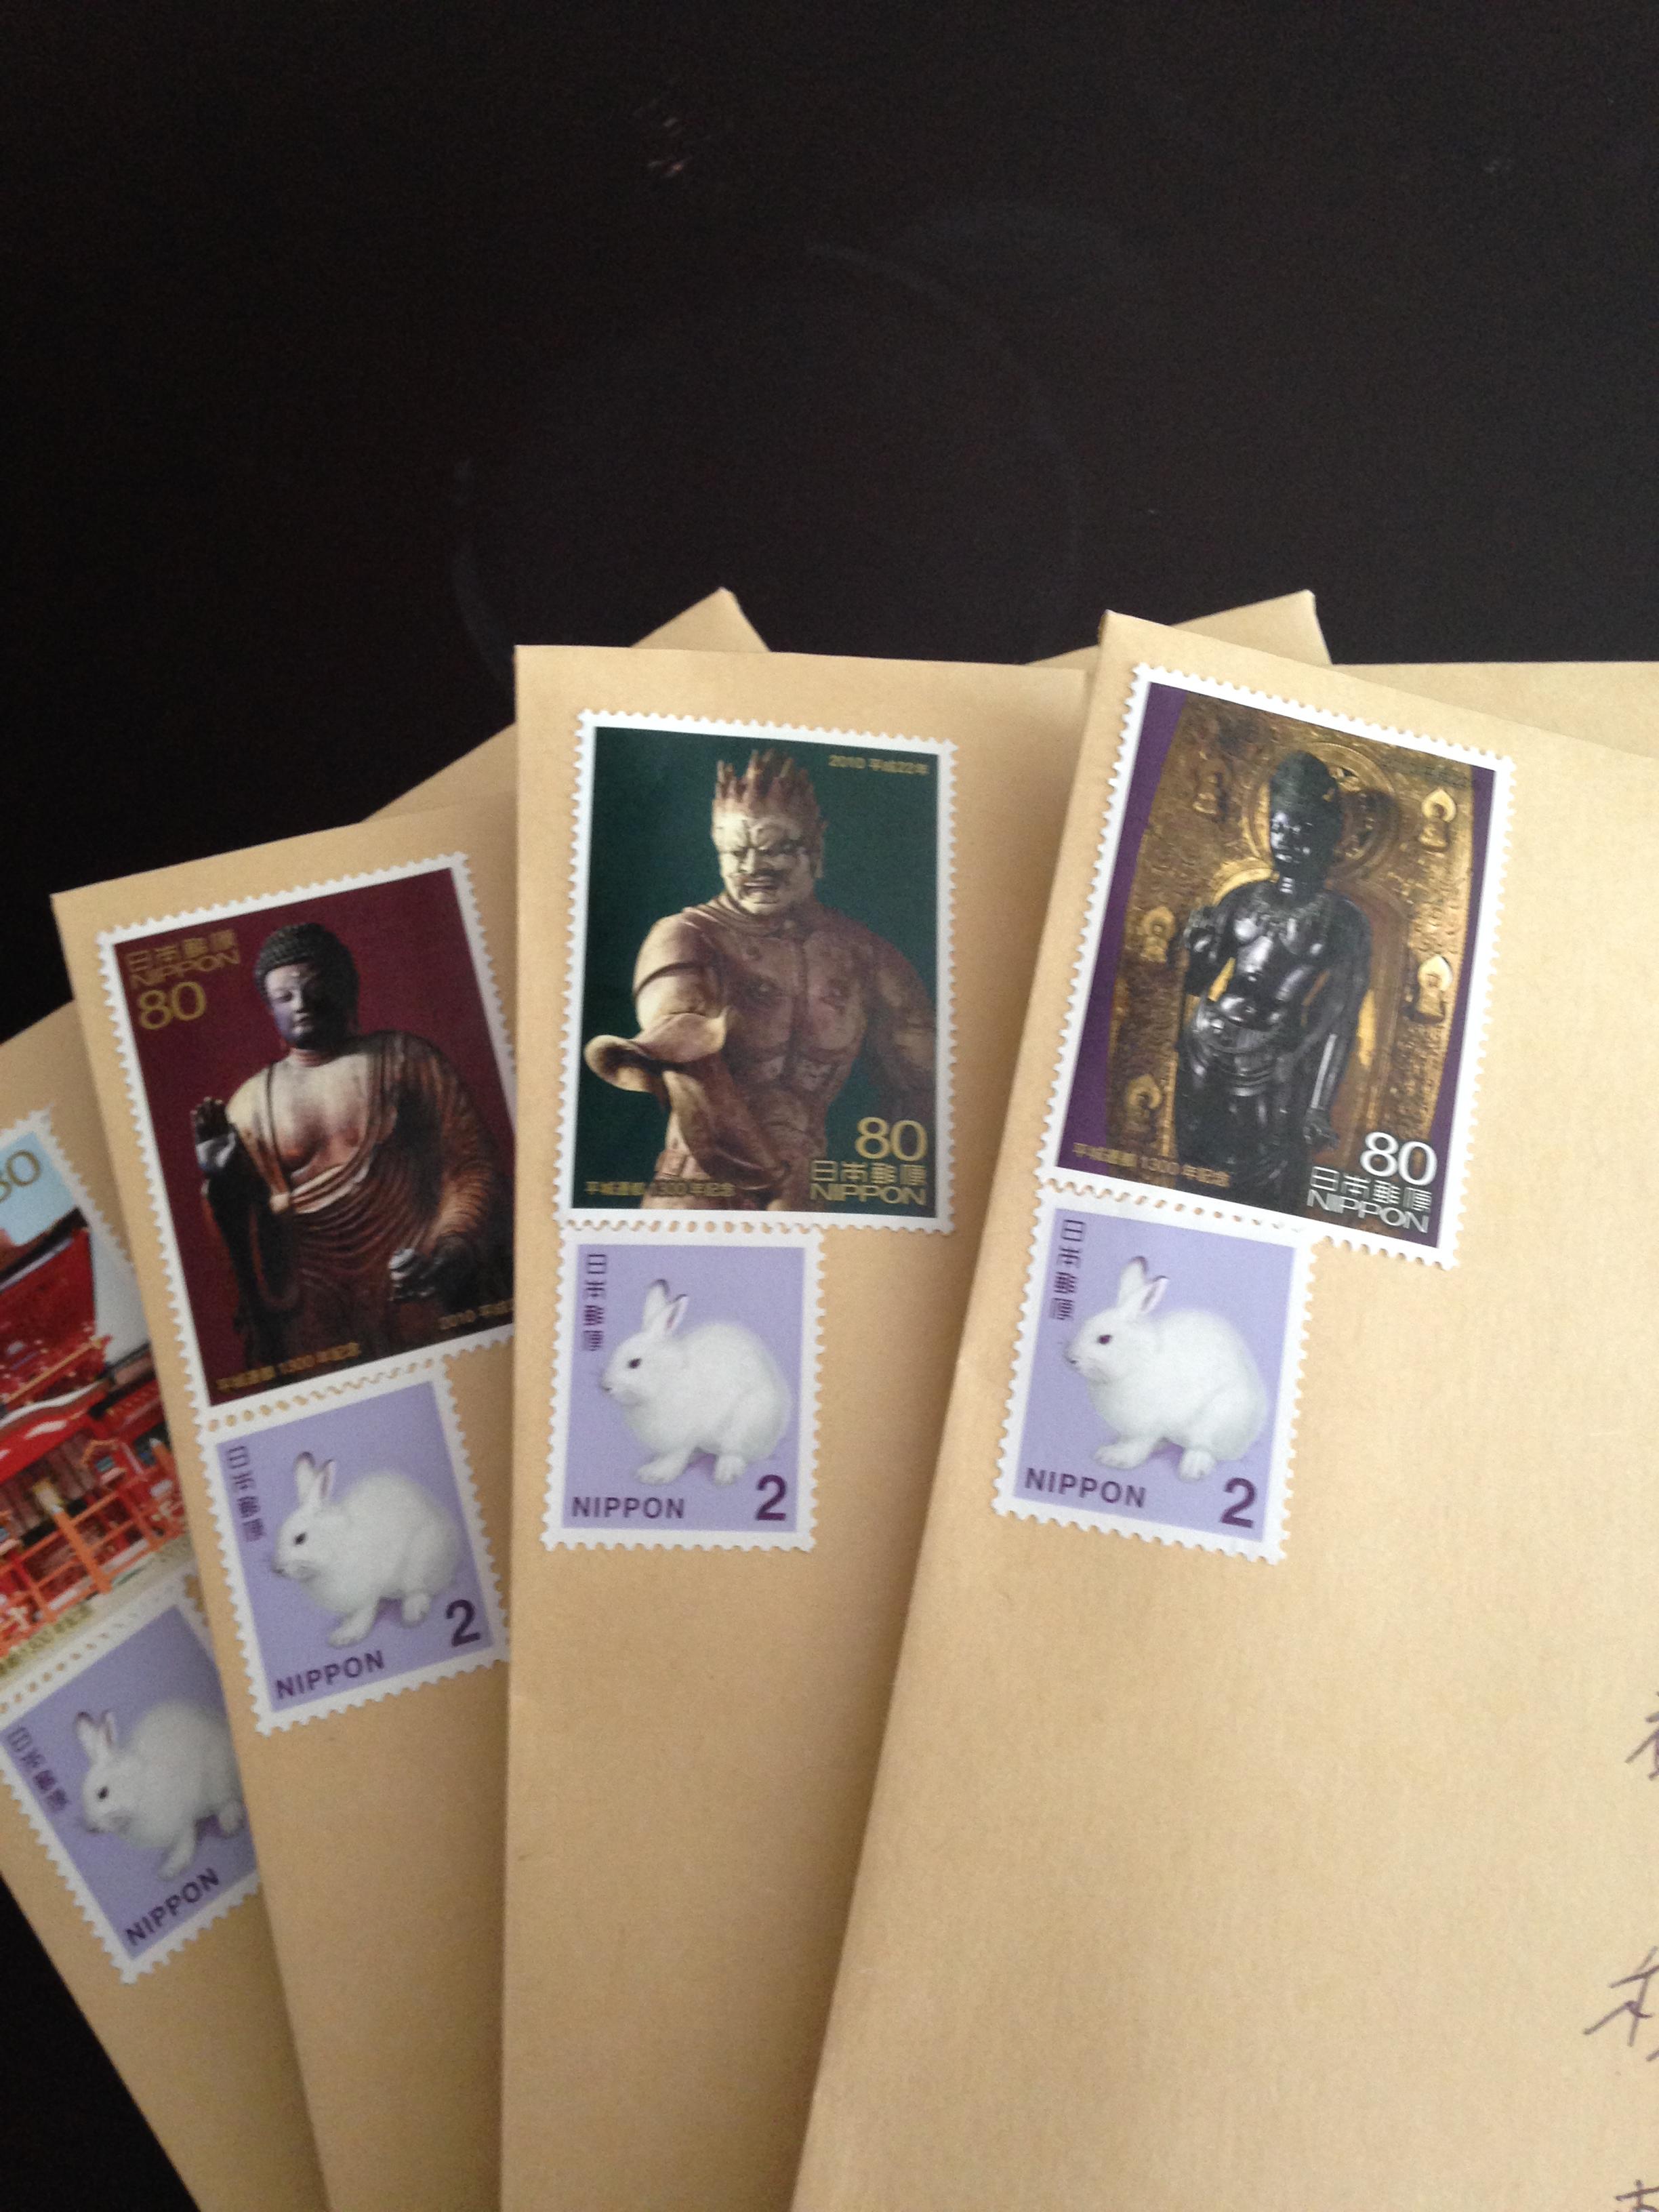 【80円】シュールな切手コラボ。【2円】